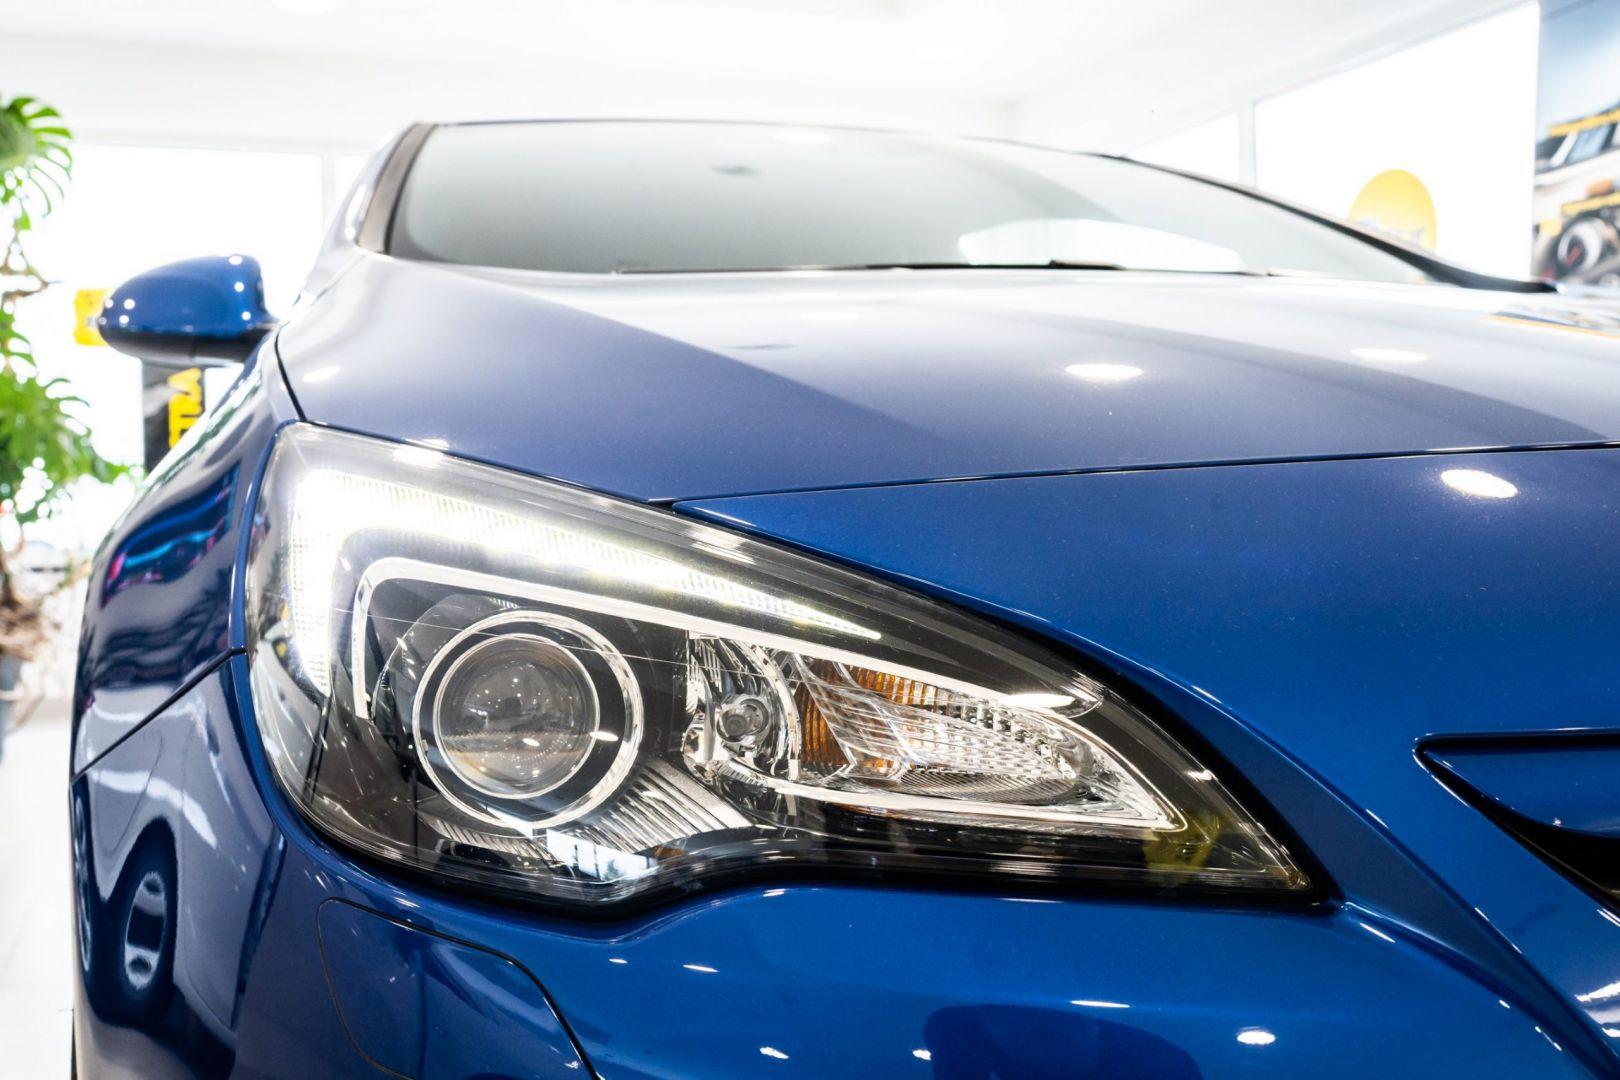 avtohisa-zalar-nova-rabljena-vozila-servis-prodaja-vzdrzevanje-zavarovanje-svetovanje (29)